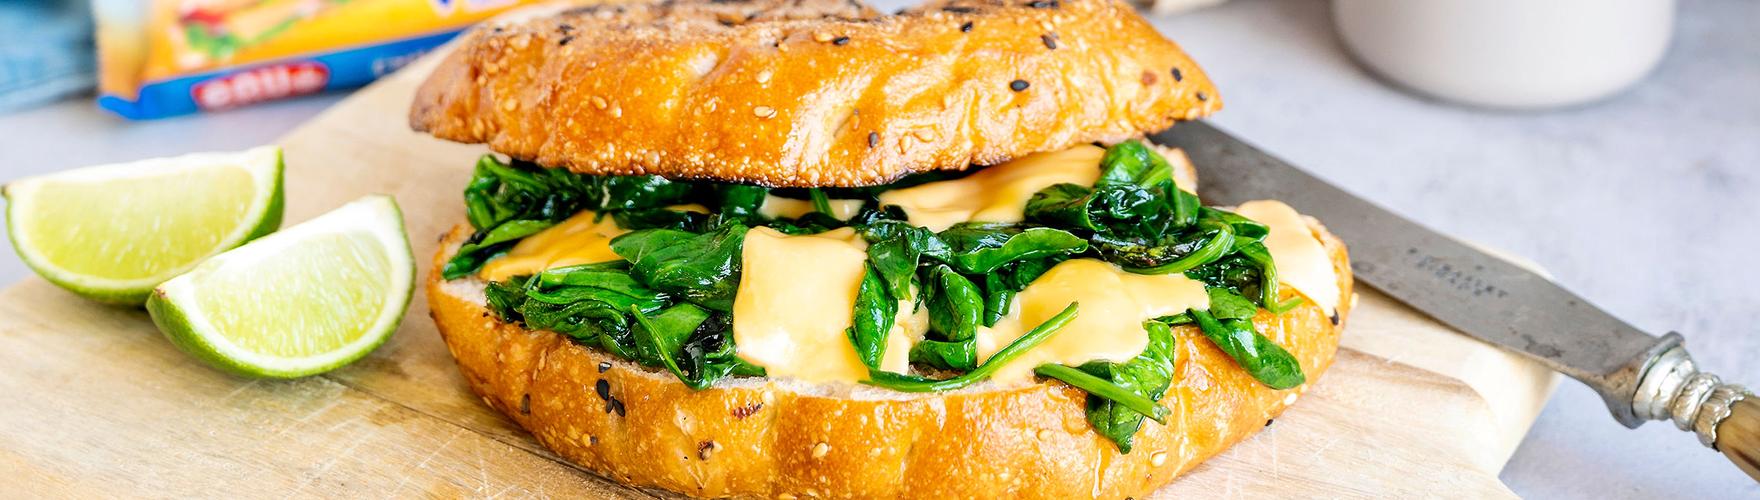 Turks brood met cheddar kaas, spinazie, basilicum, knoflook en limoen